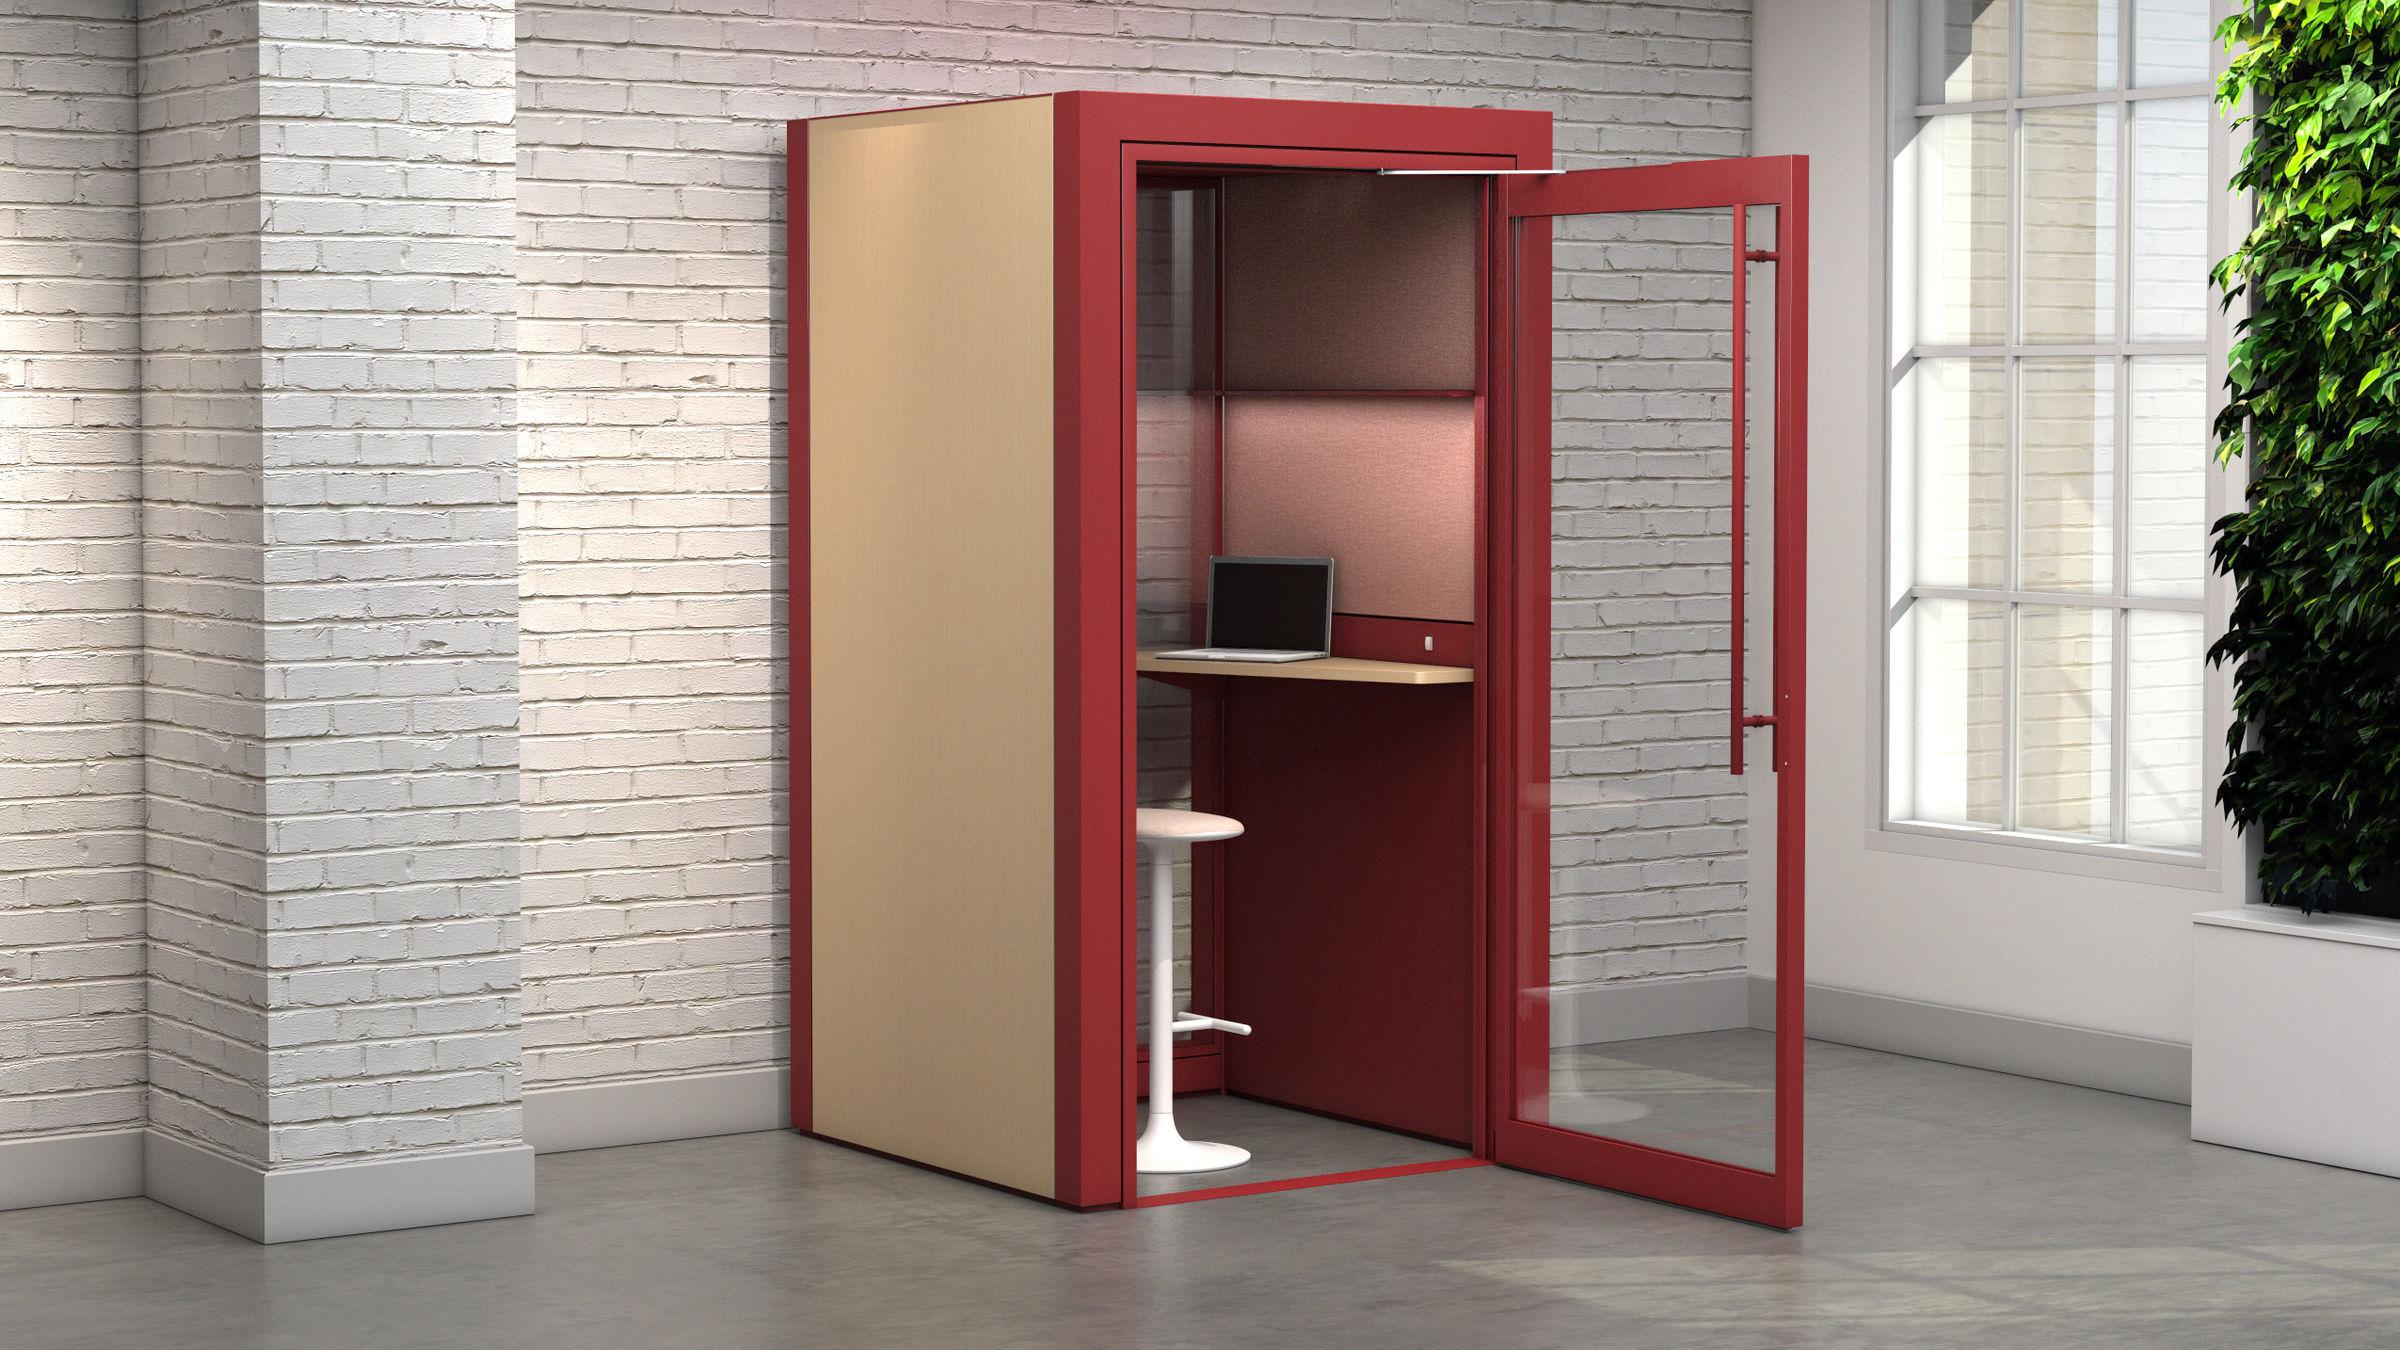 Tek Booth